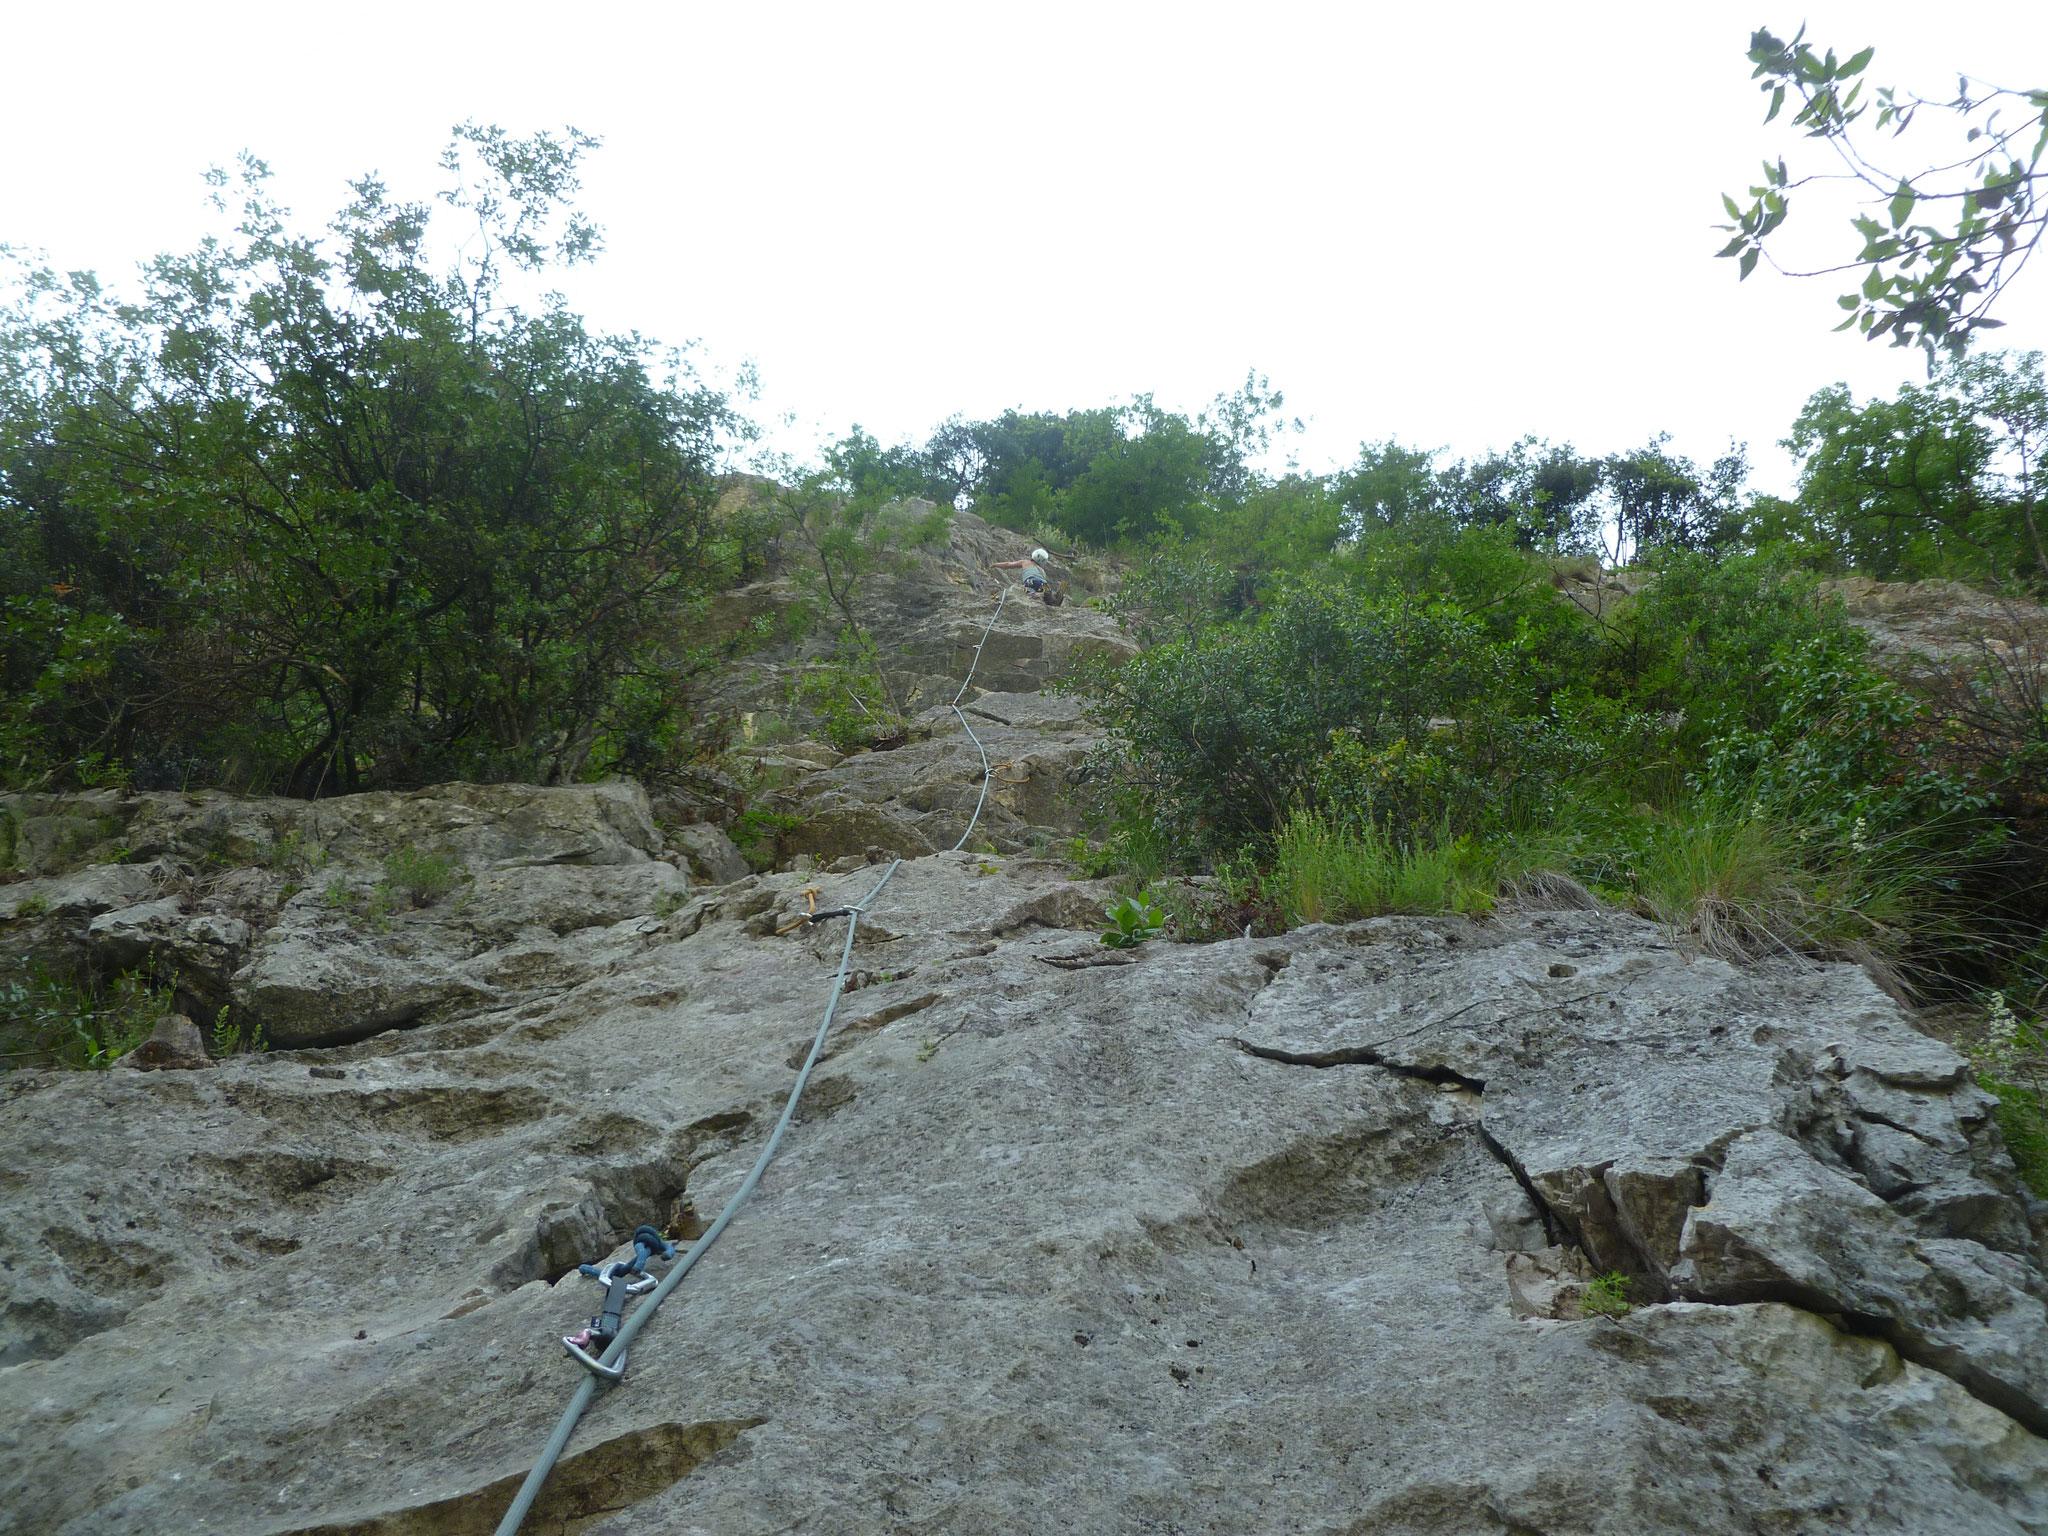 Die zweite Länge: steil mit reichlich Griffen und einem kurzen Überhang